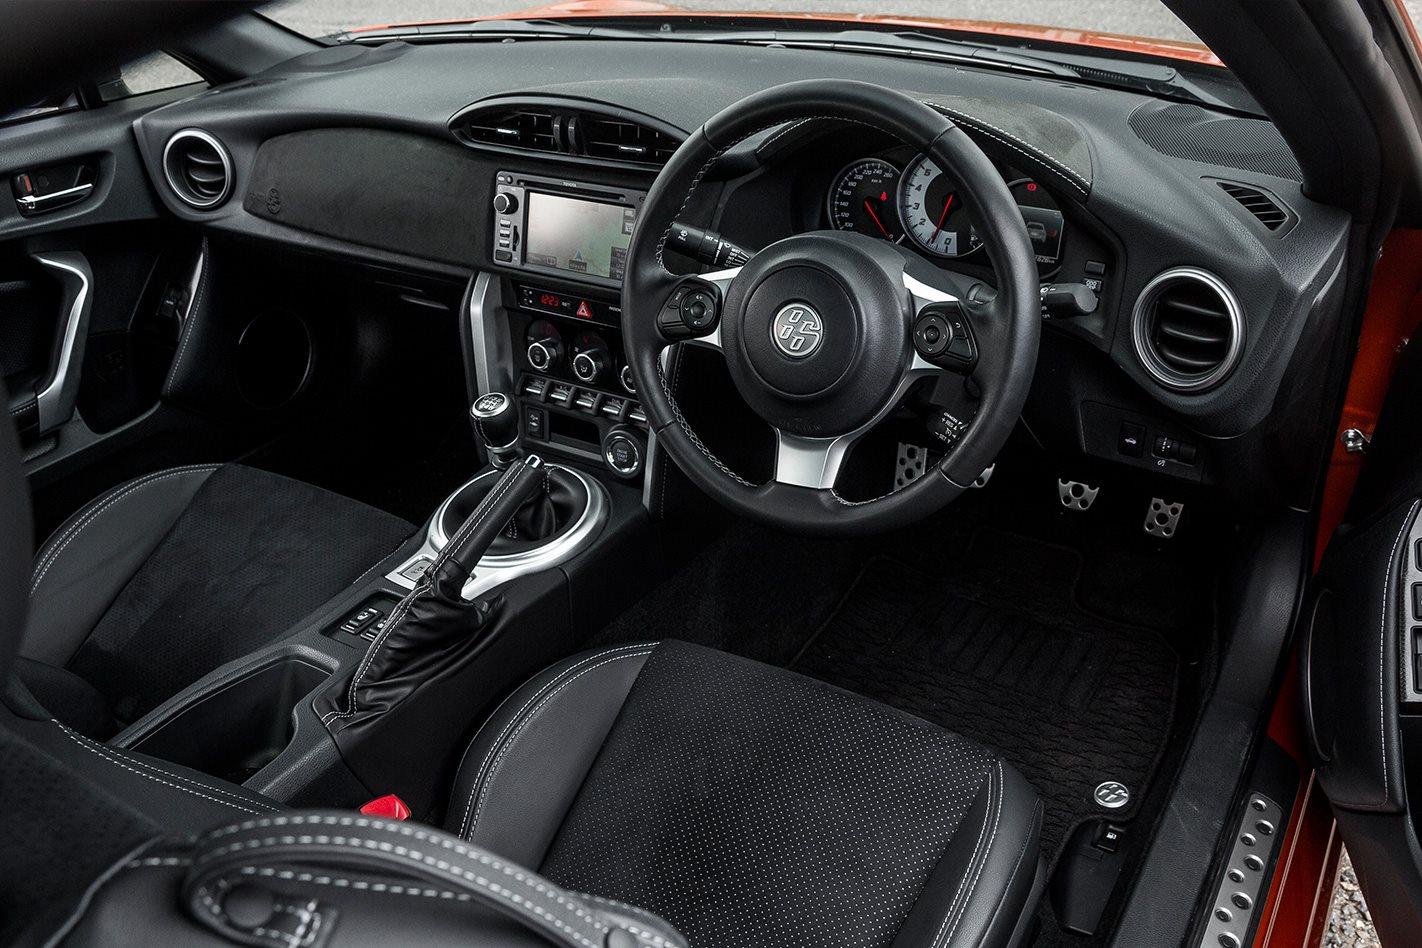 Toyota 86 GTS cabin